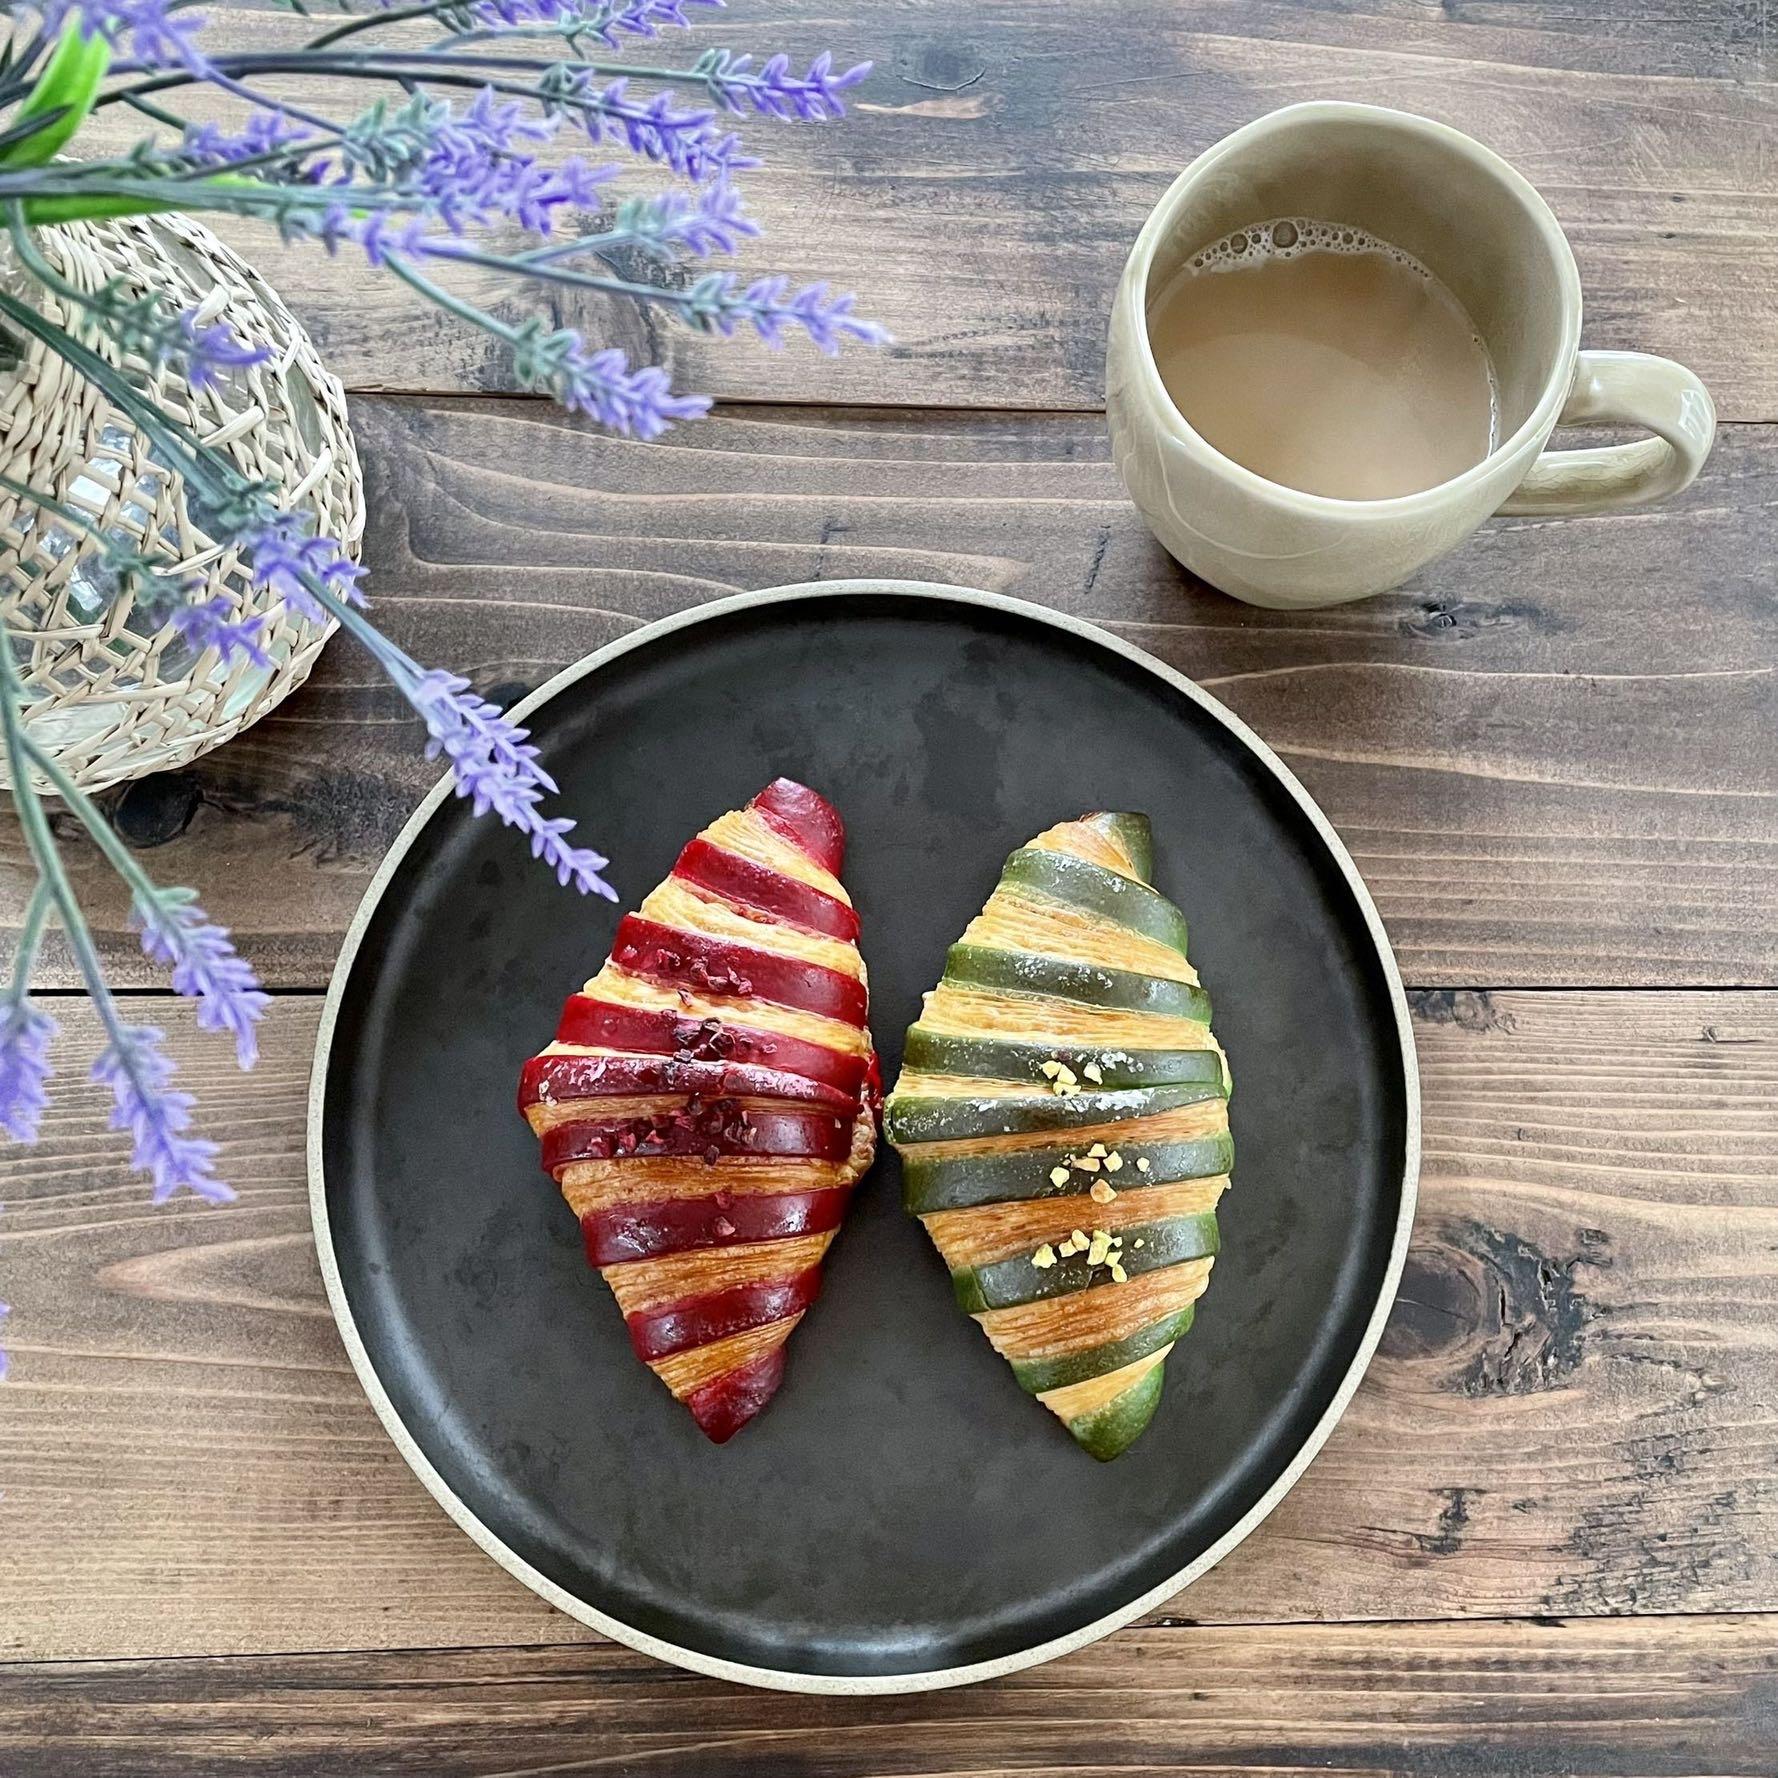 神楽坂のパティスリー「ル・コワンヴェール パトリック・ルメル」のクロワッサン、黒いお皿、ベージュのマグカップ